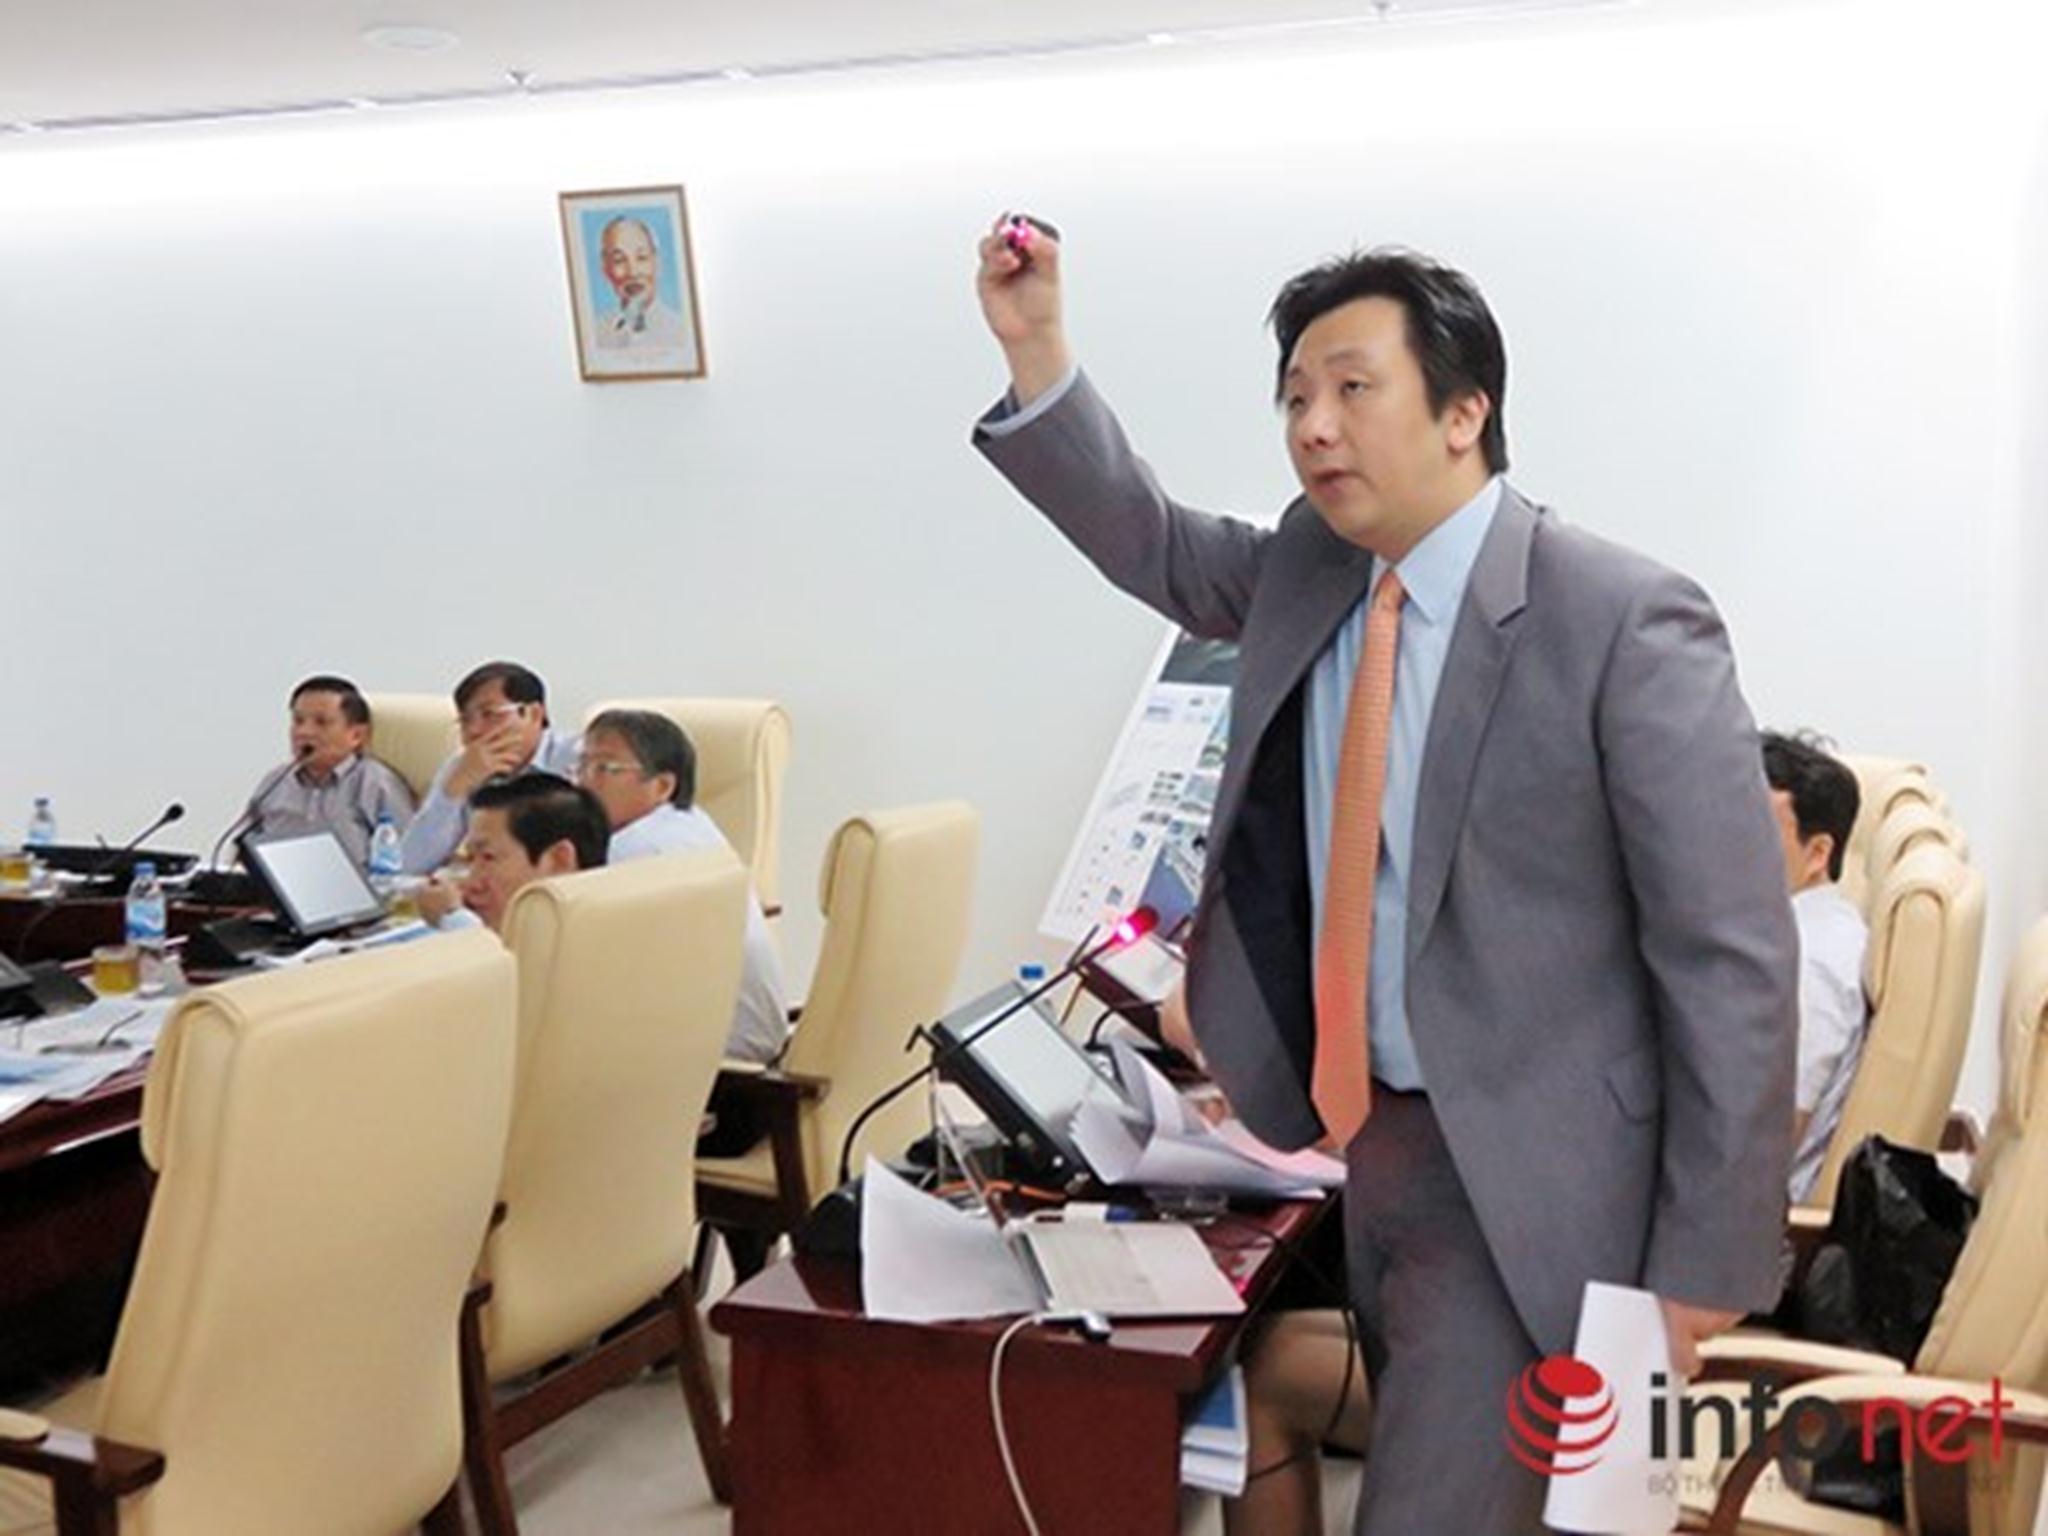 nghe ông Do Yeon Kim, Giám đốc điều hành Công ty tư vấn thiết kế JINA (Hàn Quốc) trình bày quy hoạch tổng thể khu vực ven sông Hàn và cảng Sông Hàn (Ảnh: HC)  Xem thêm tại : http://www.danang43.com/da-nang-lay-y-kien-gioi-chuyen-mon-va-nguoi-dan-ve-quy-hoach-song-han-p4451.html